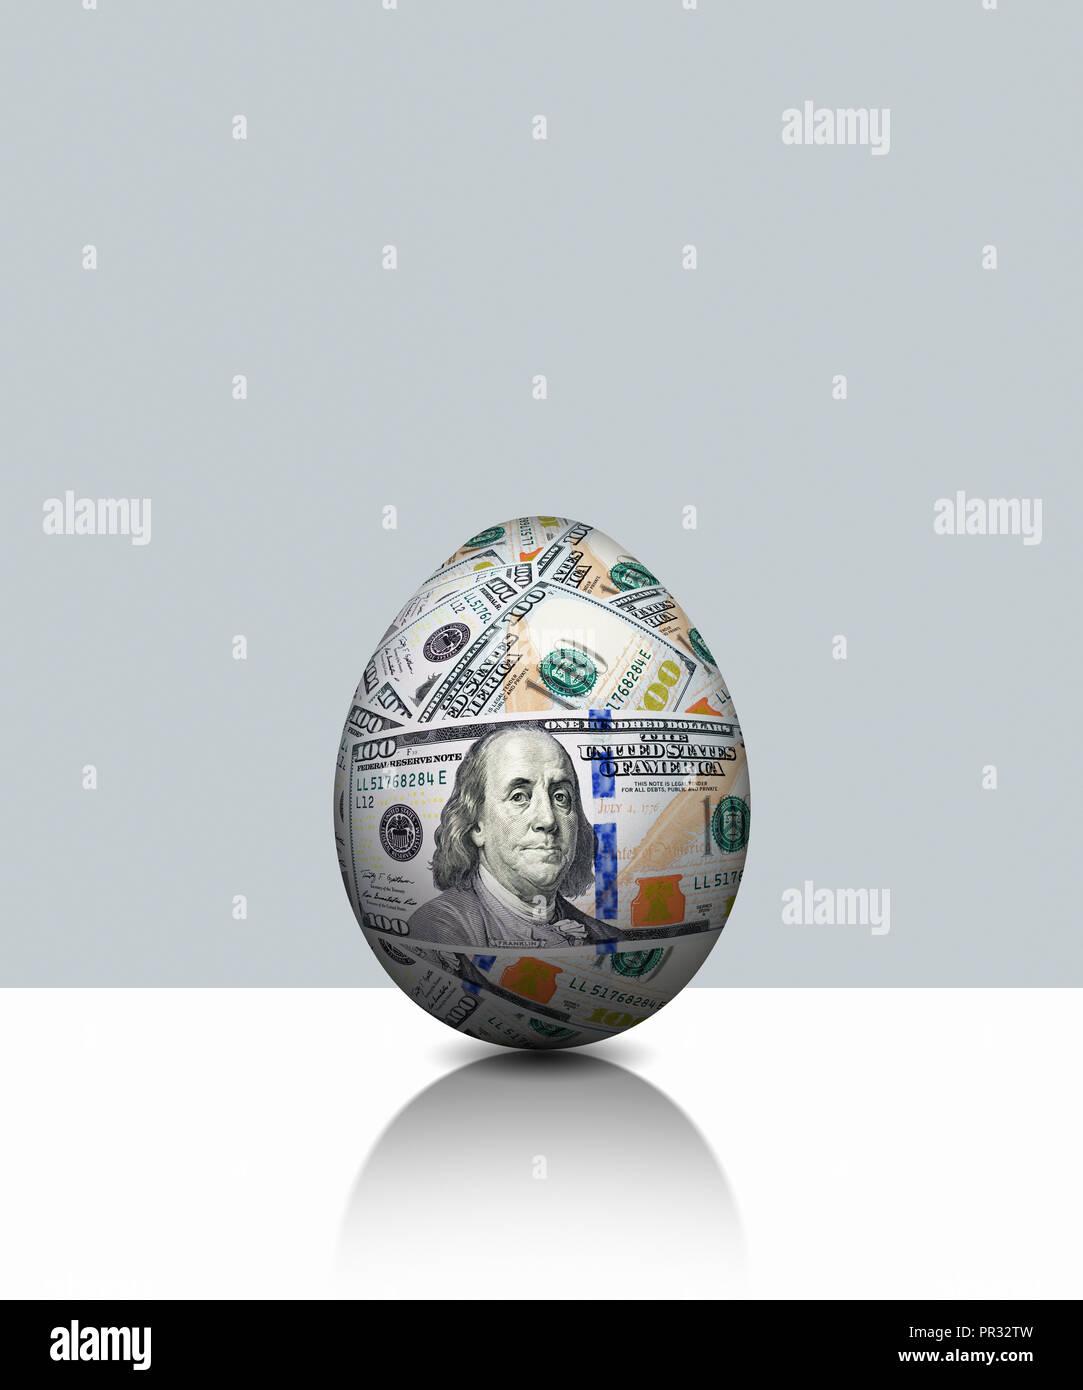 Globale Währung, Ei aus US USD $ 100 Dollar Stockbild